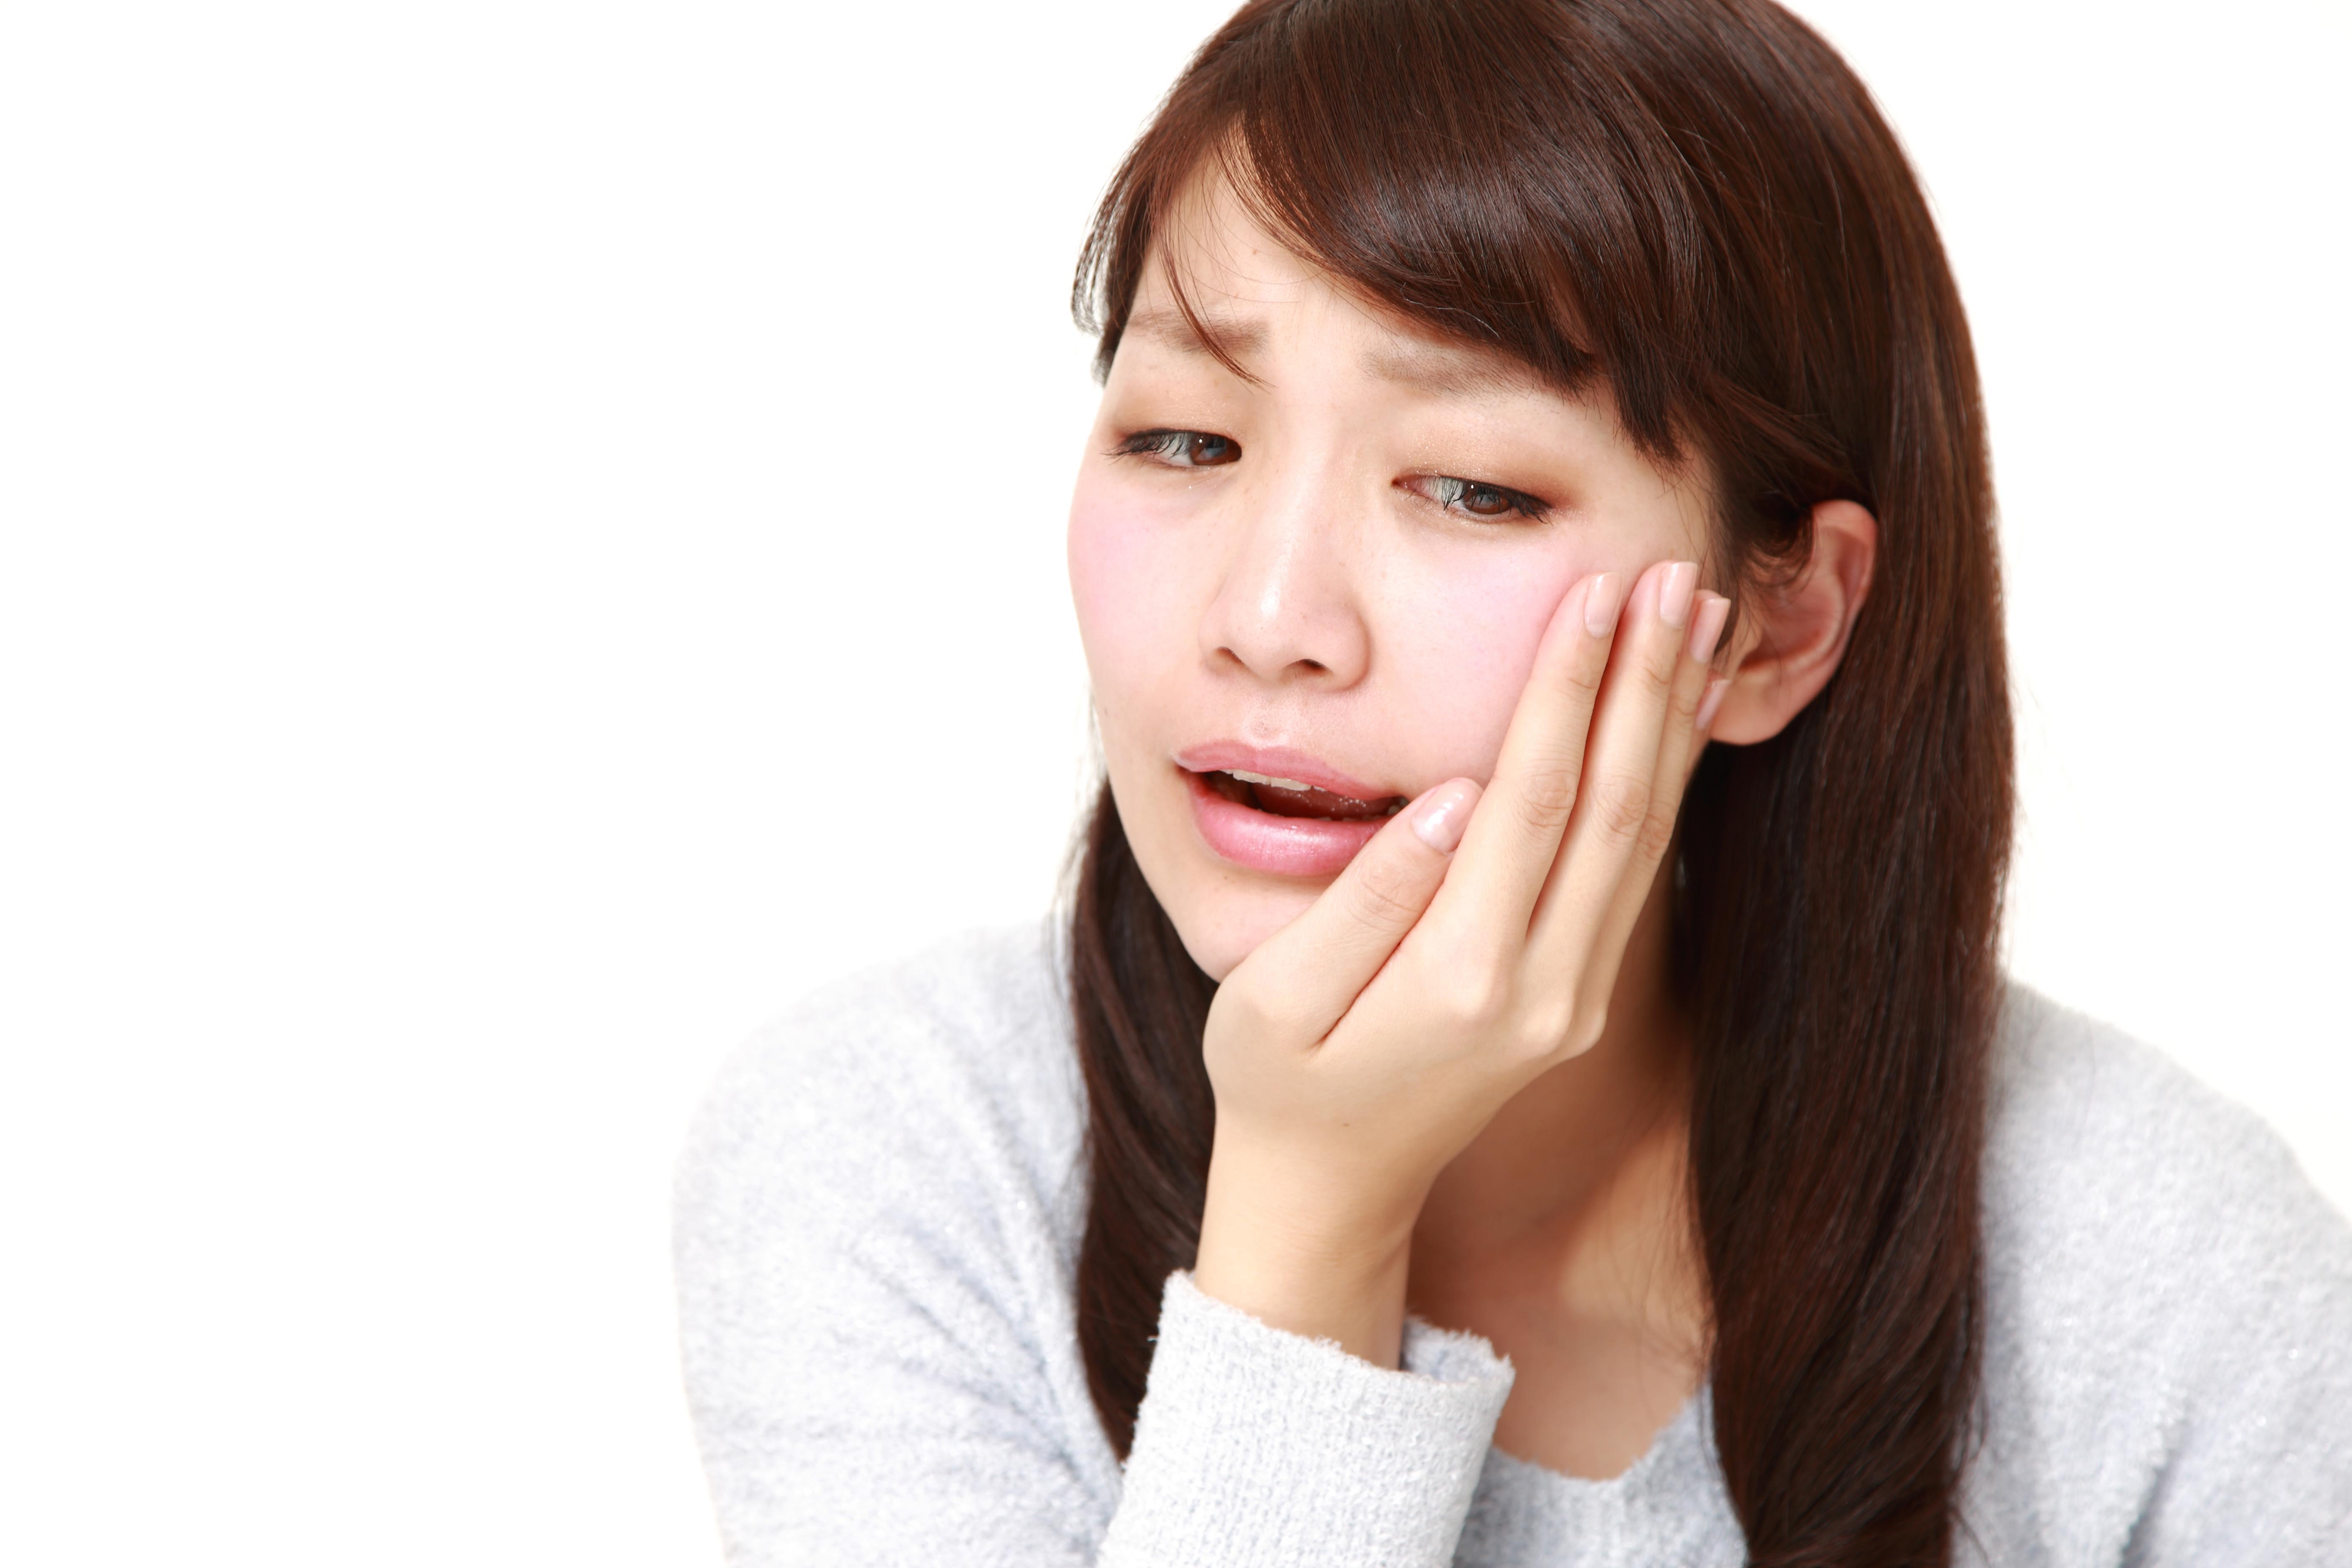 虫歯治療をした歯がズキズキ痛いのはなぜ?歯髄炎にならないために知っておくべきこと